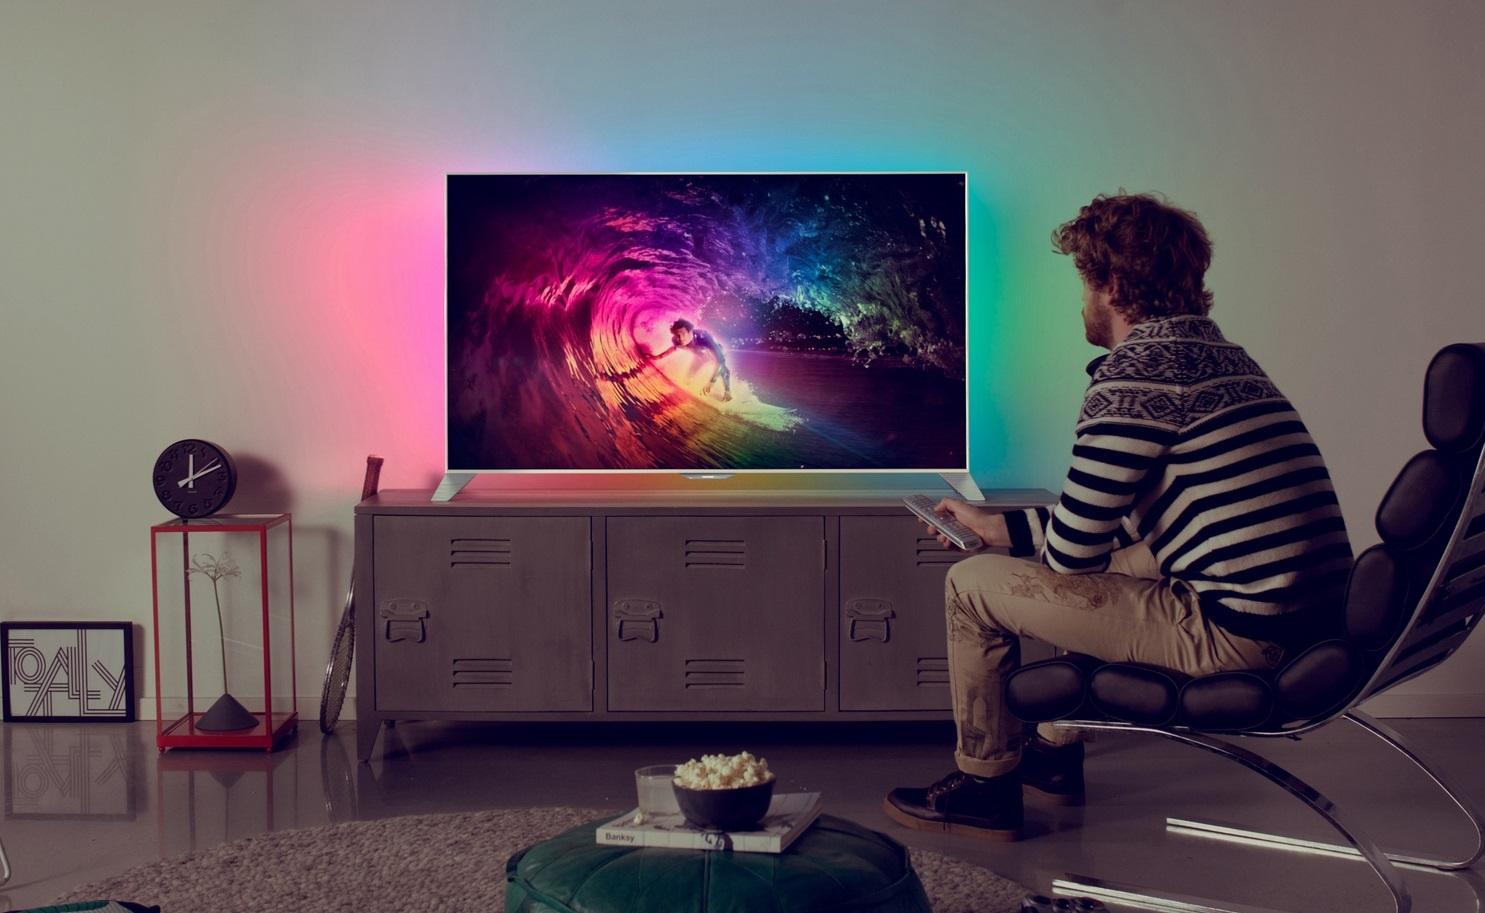 Рейтинг лучших смарт-телевизоров на 2020 год